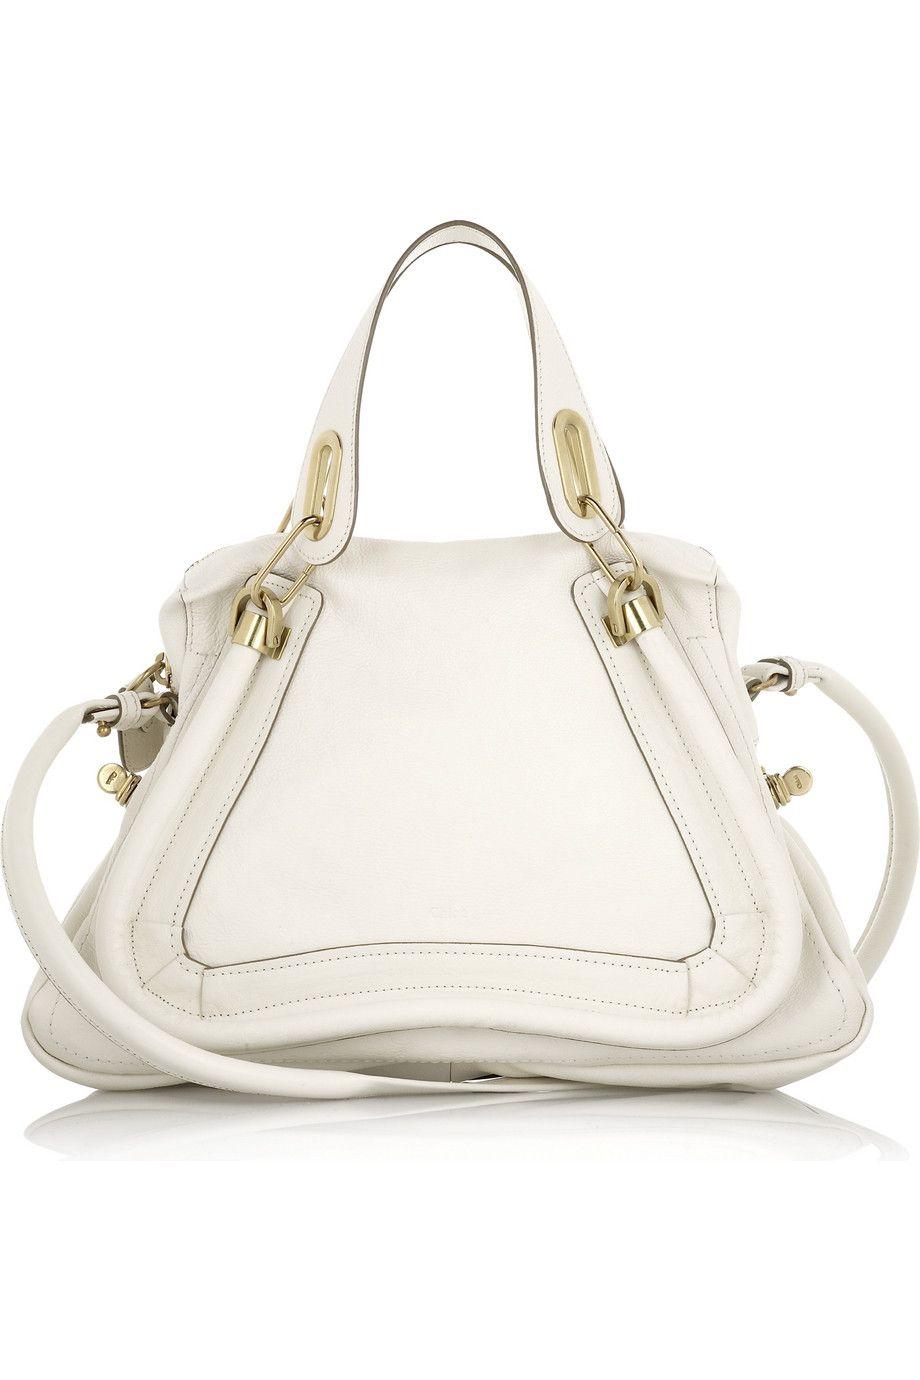 133d829f3667 cheap Celine Bags for ladies